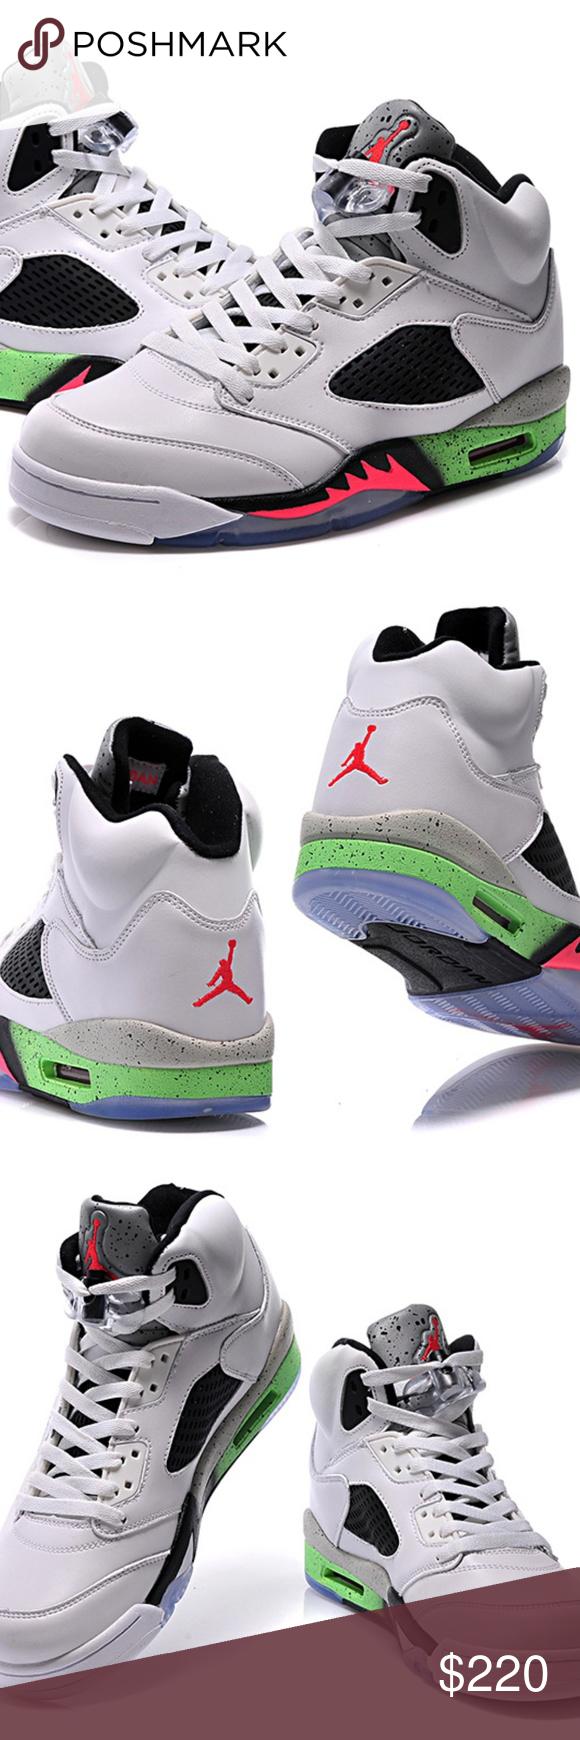 4a8a70638119e8 Air Jordan 5 Retro Air Jordan 5 Retro Nike Shoes Sneakers